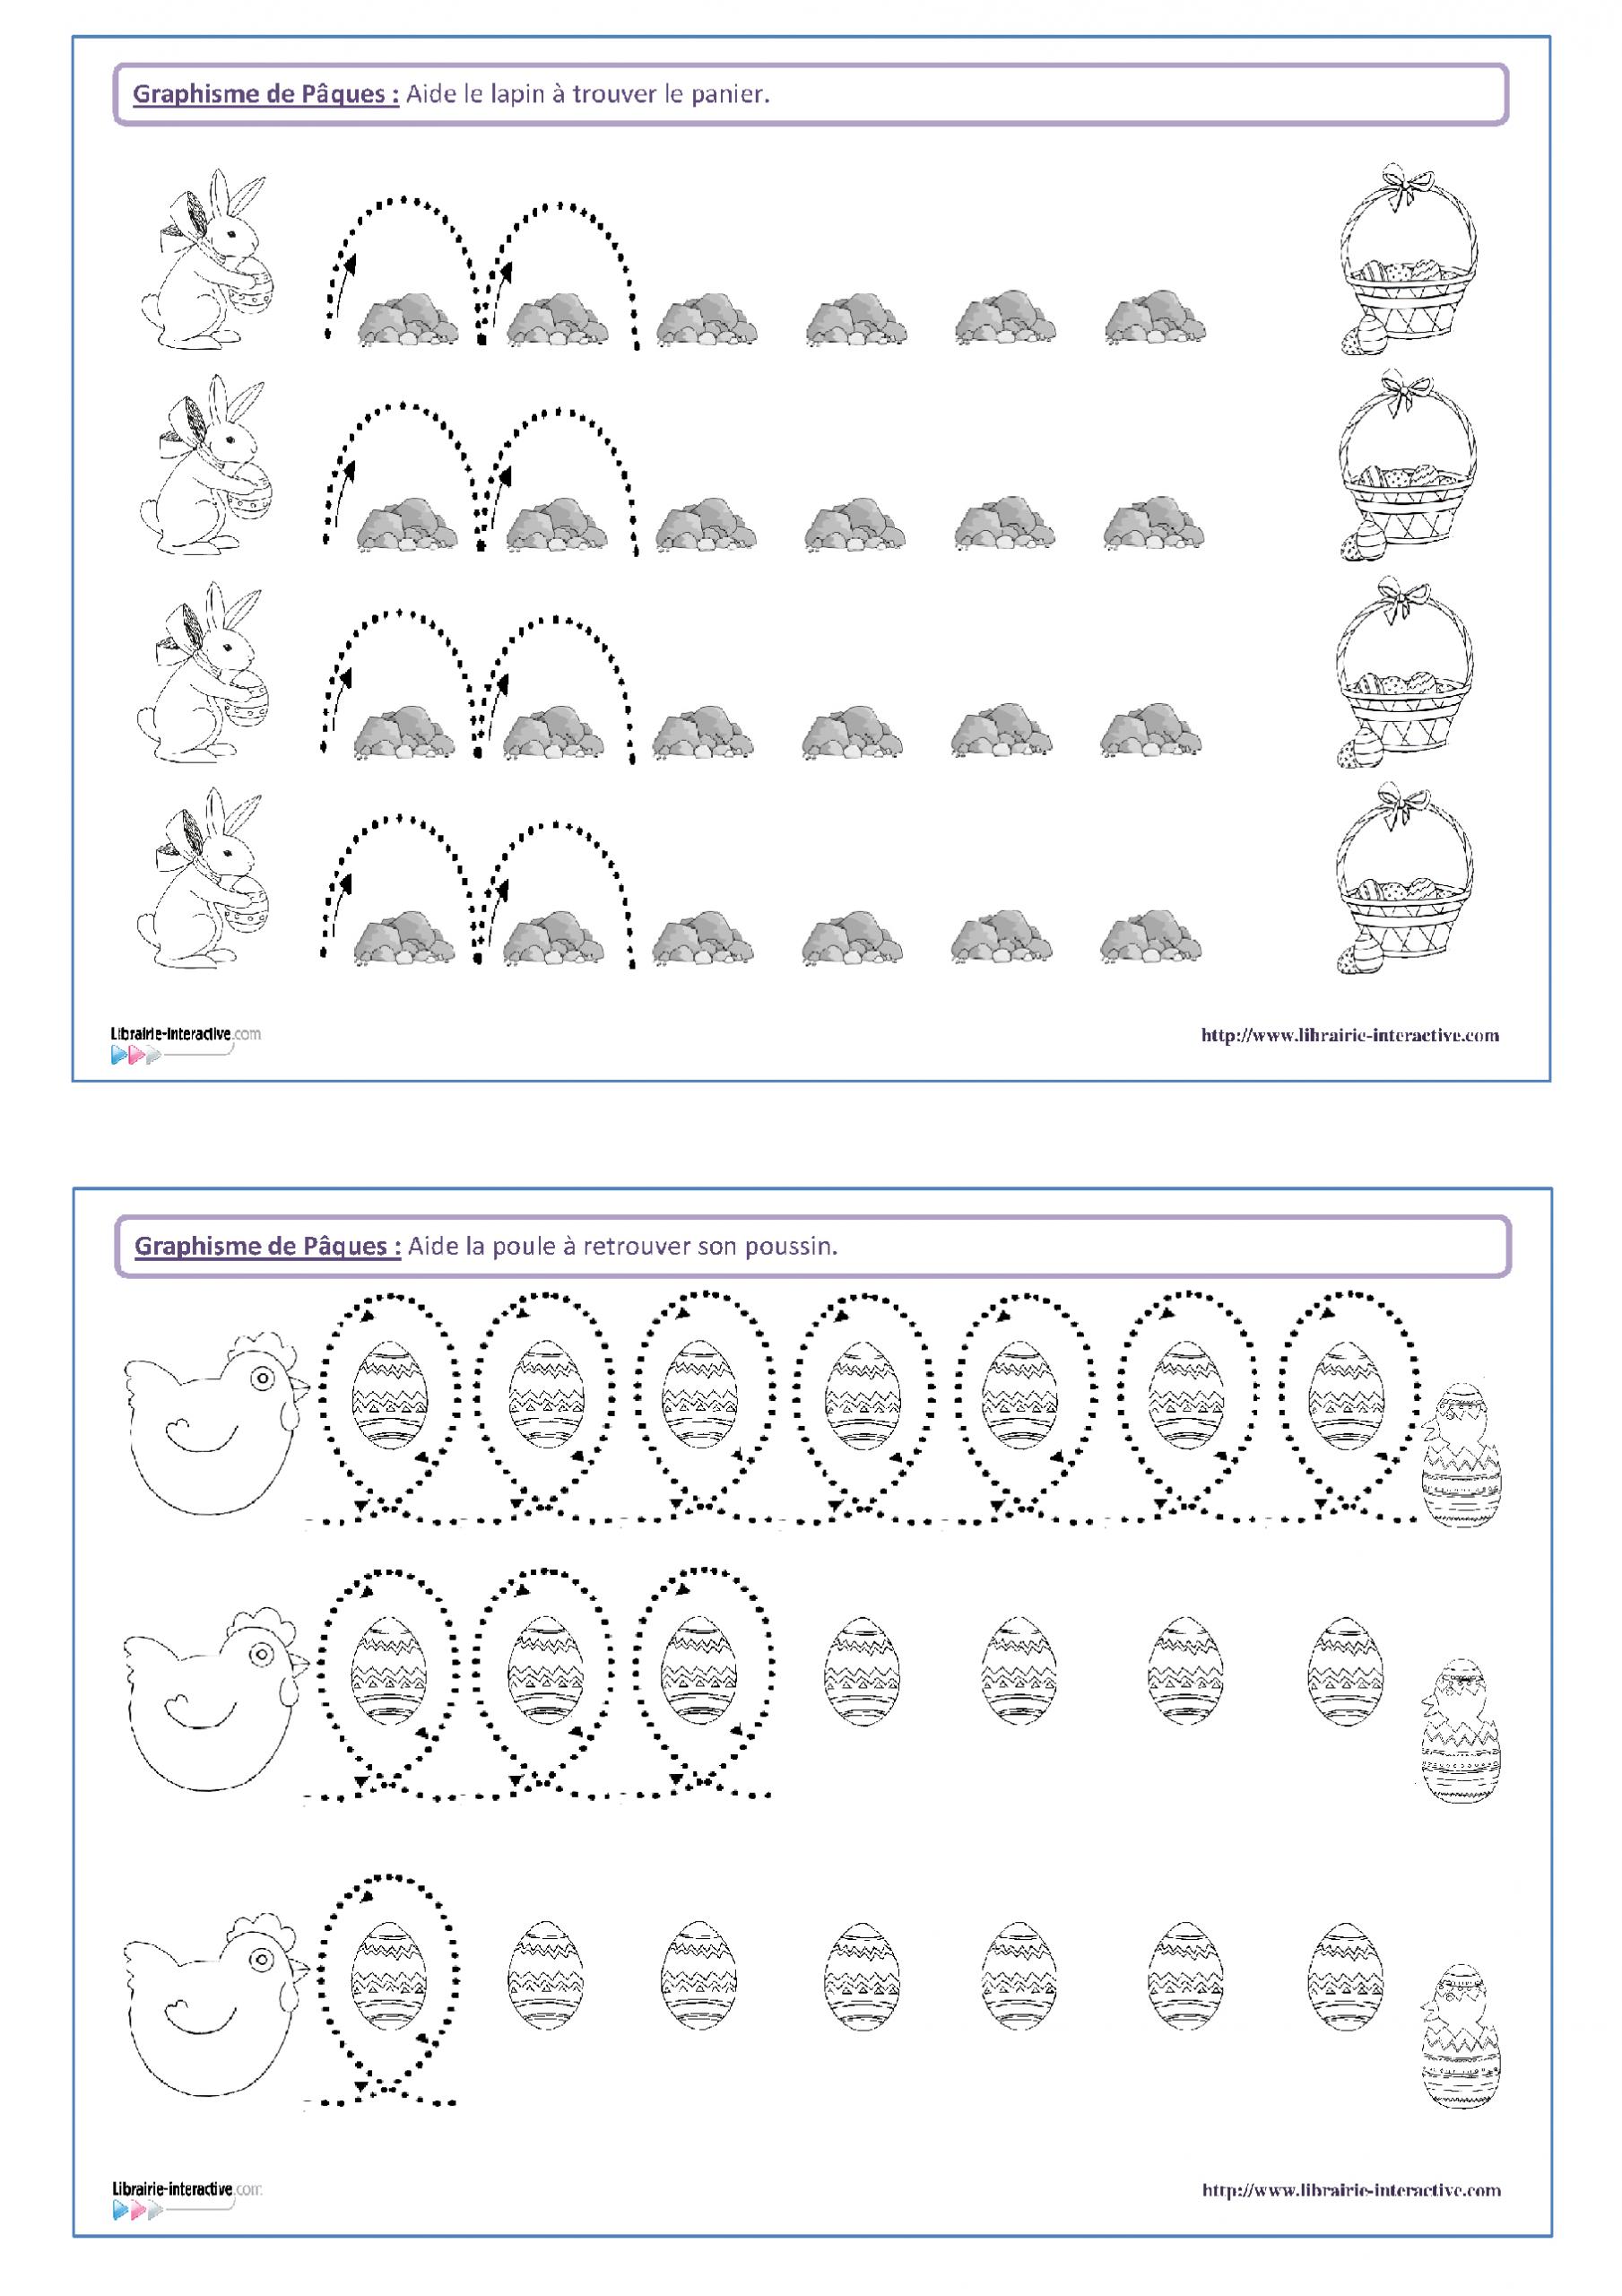 14 Fiches De Graphisme Sur Le Thème De Pâques, Pour Les à Graphisme Moyenne Section Les Ponts